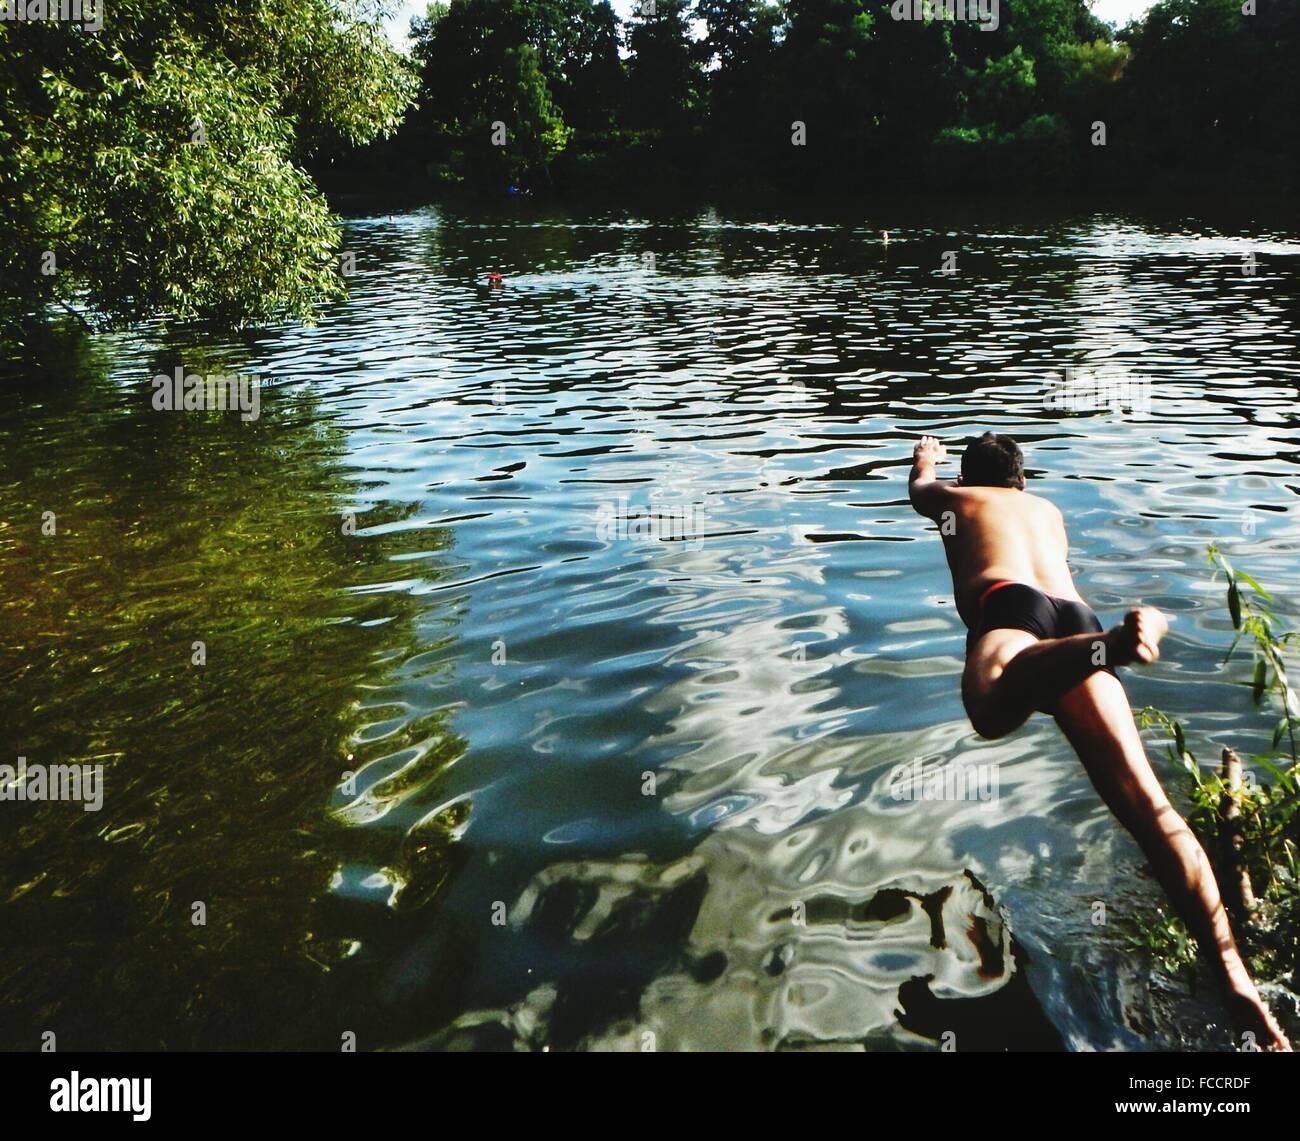 Full Length Of Man Diving In Lake - Stock Image